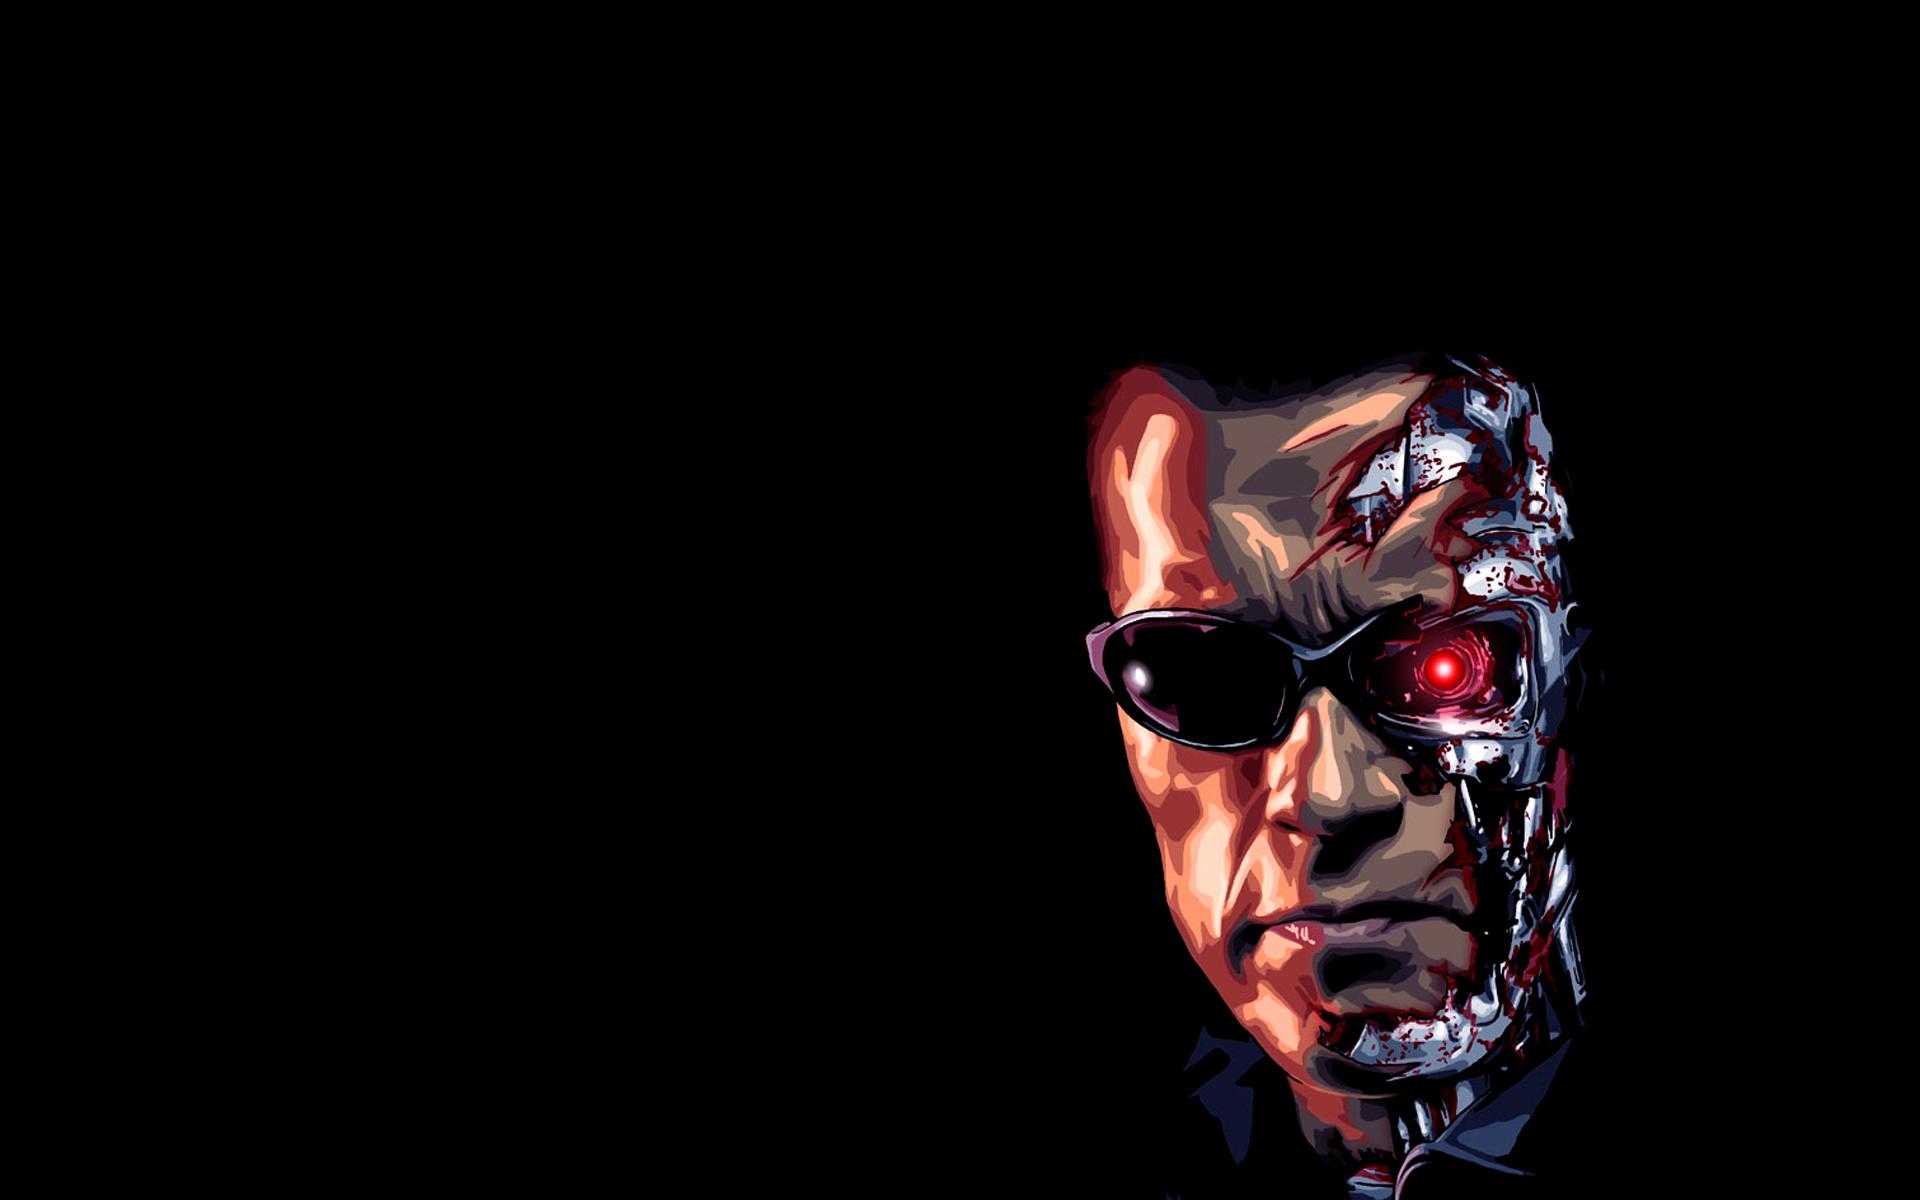 Terminator hd wallpaper wallpapersafari - Terminator 2 wallpaper hd ...